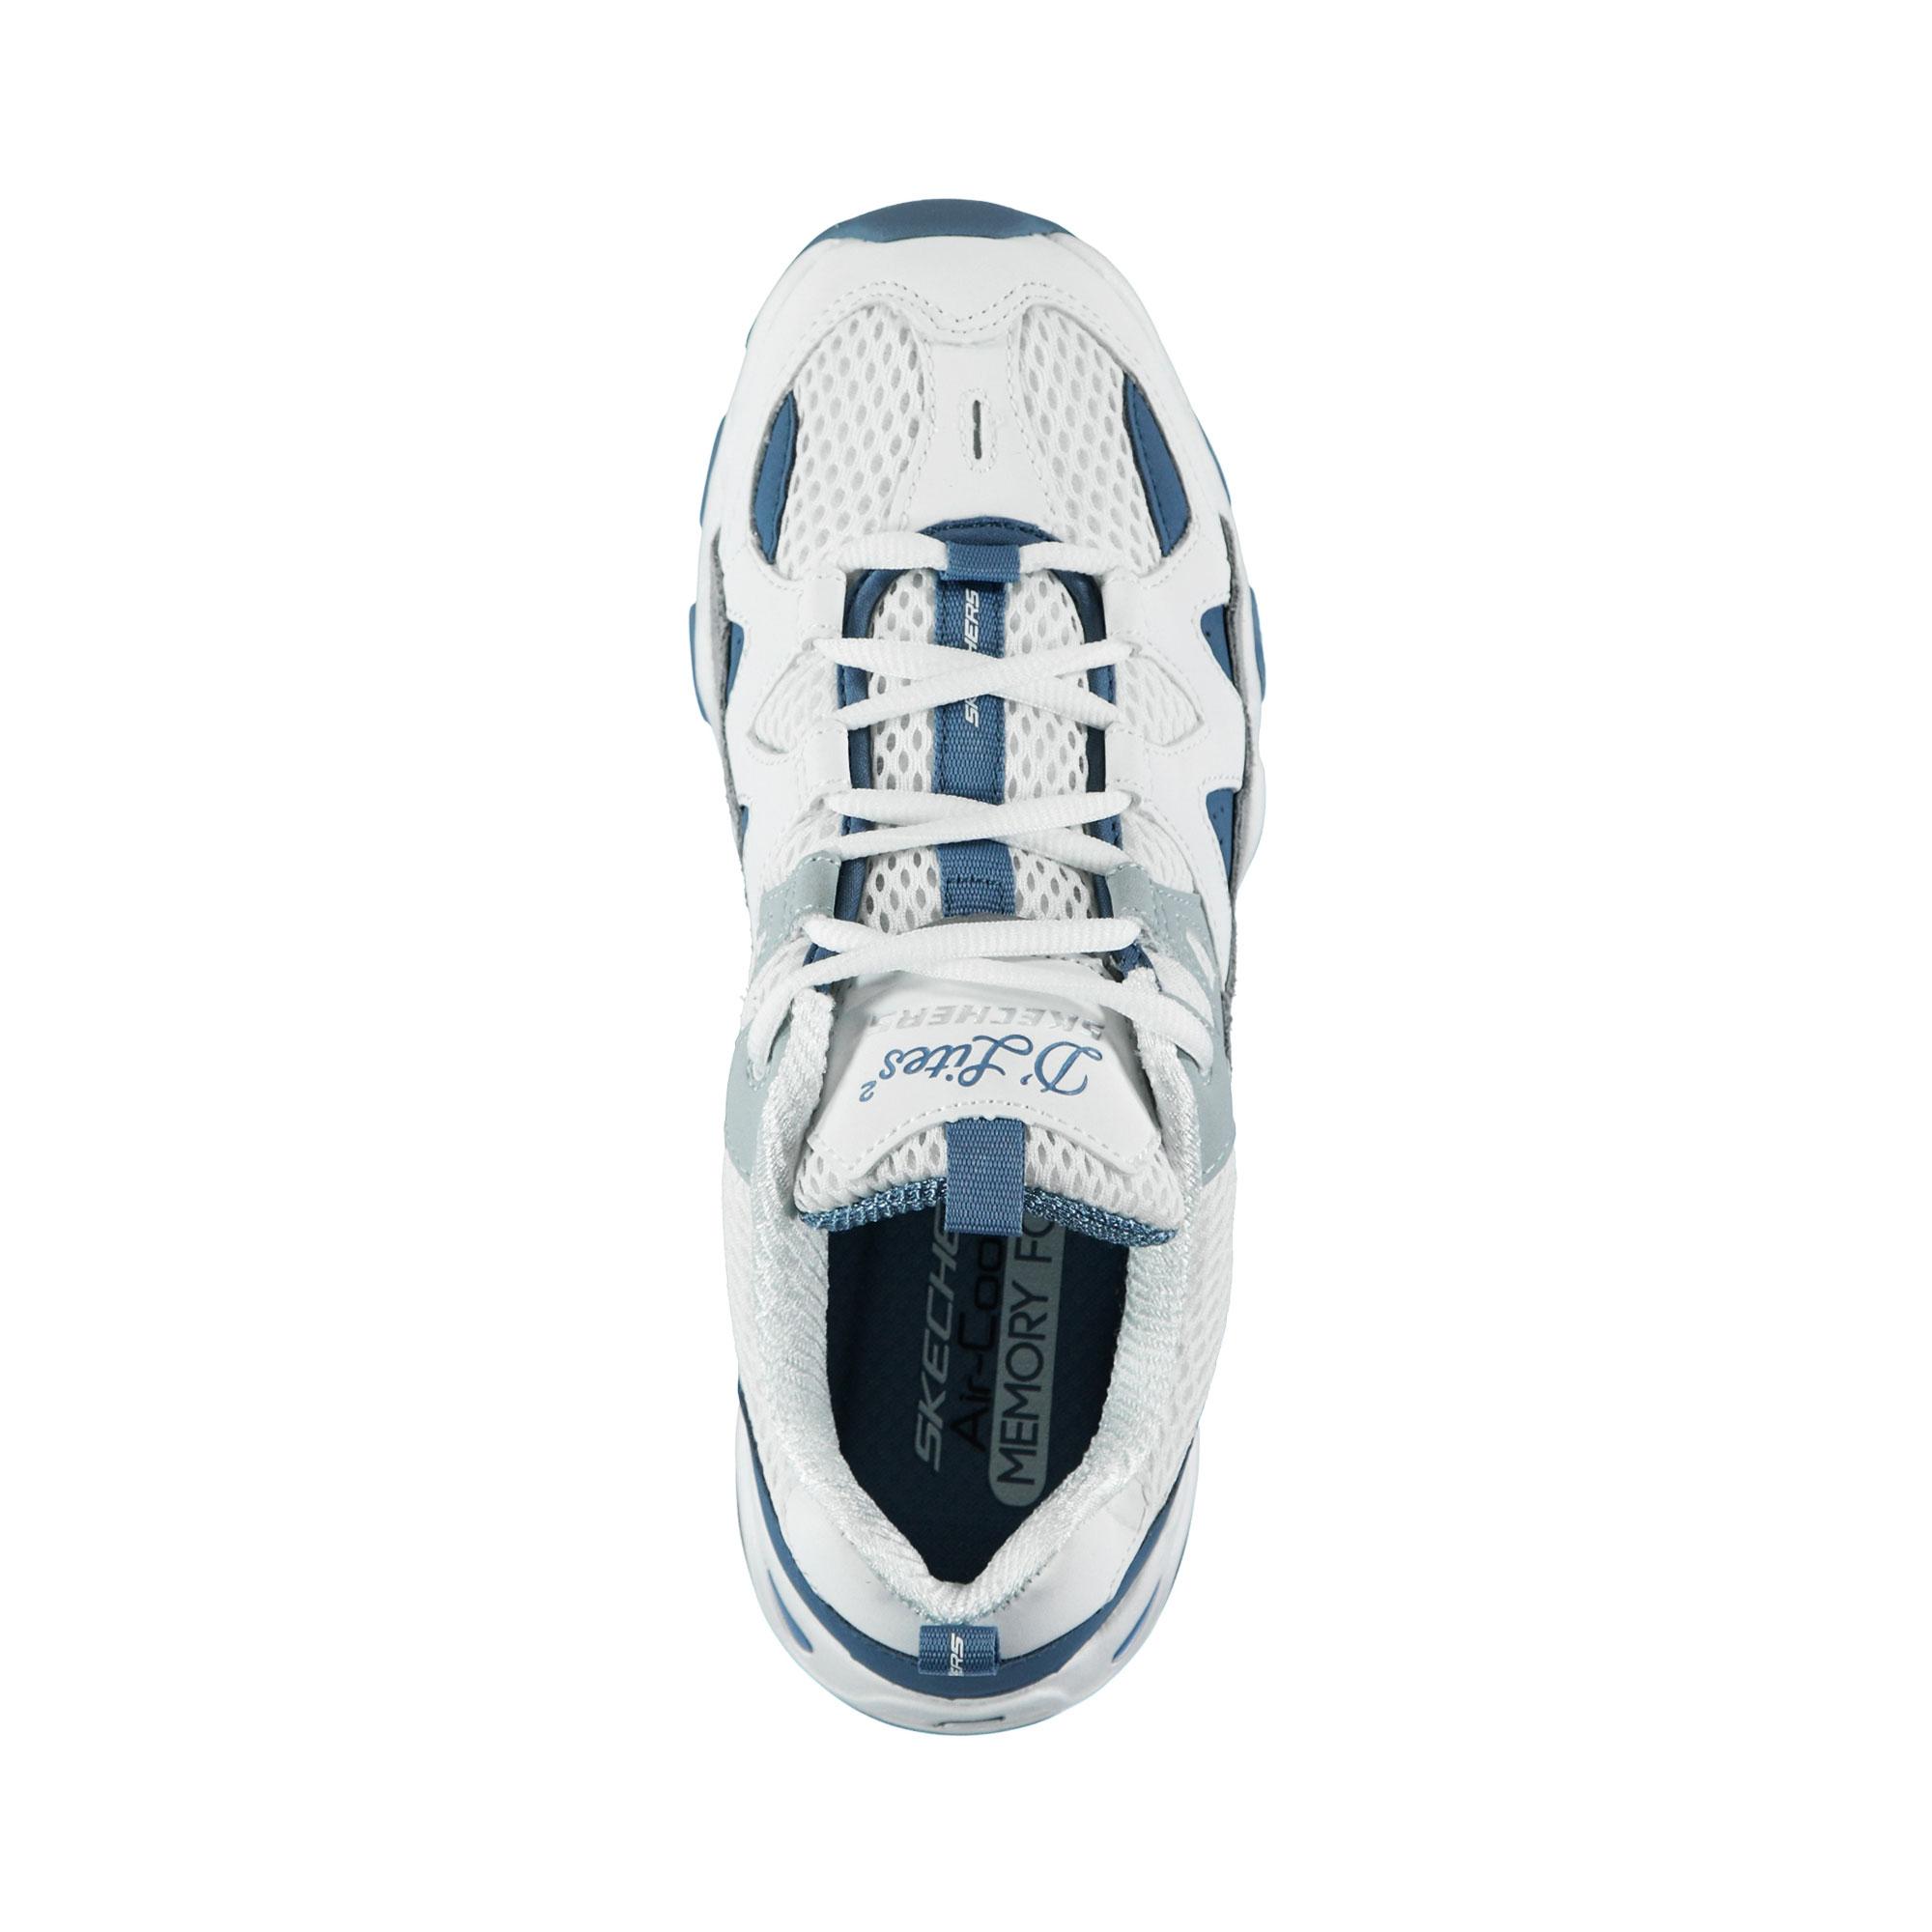 Skechers D'Lites 2- Top Down Kadın Gri-Mavi Spor Ayakkabı